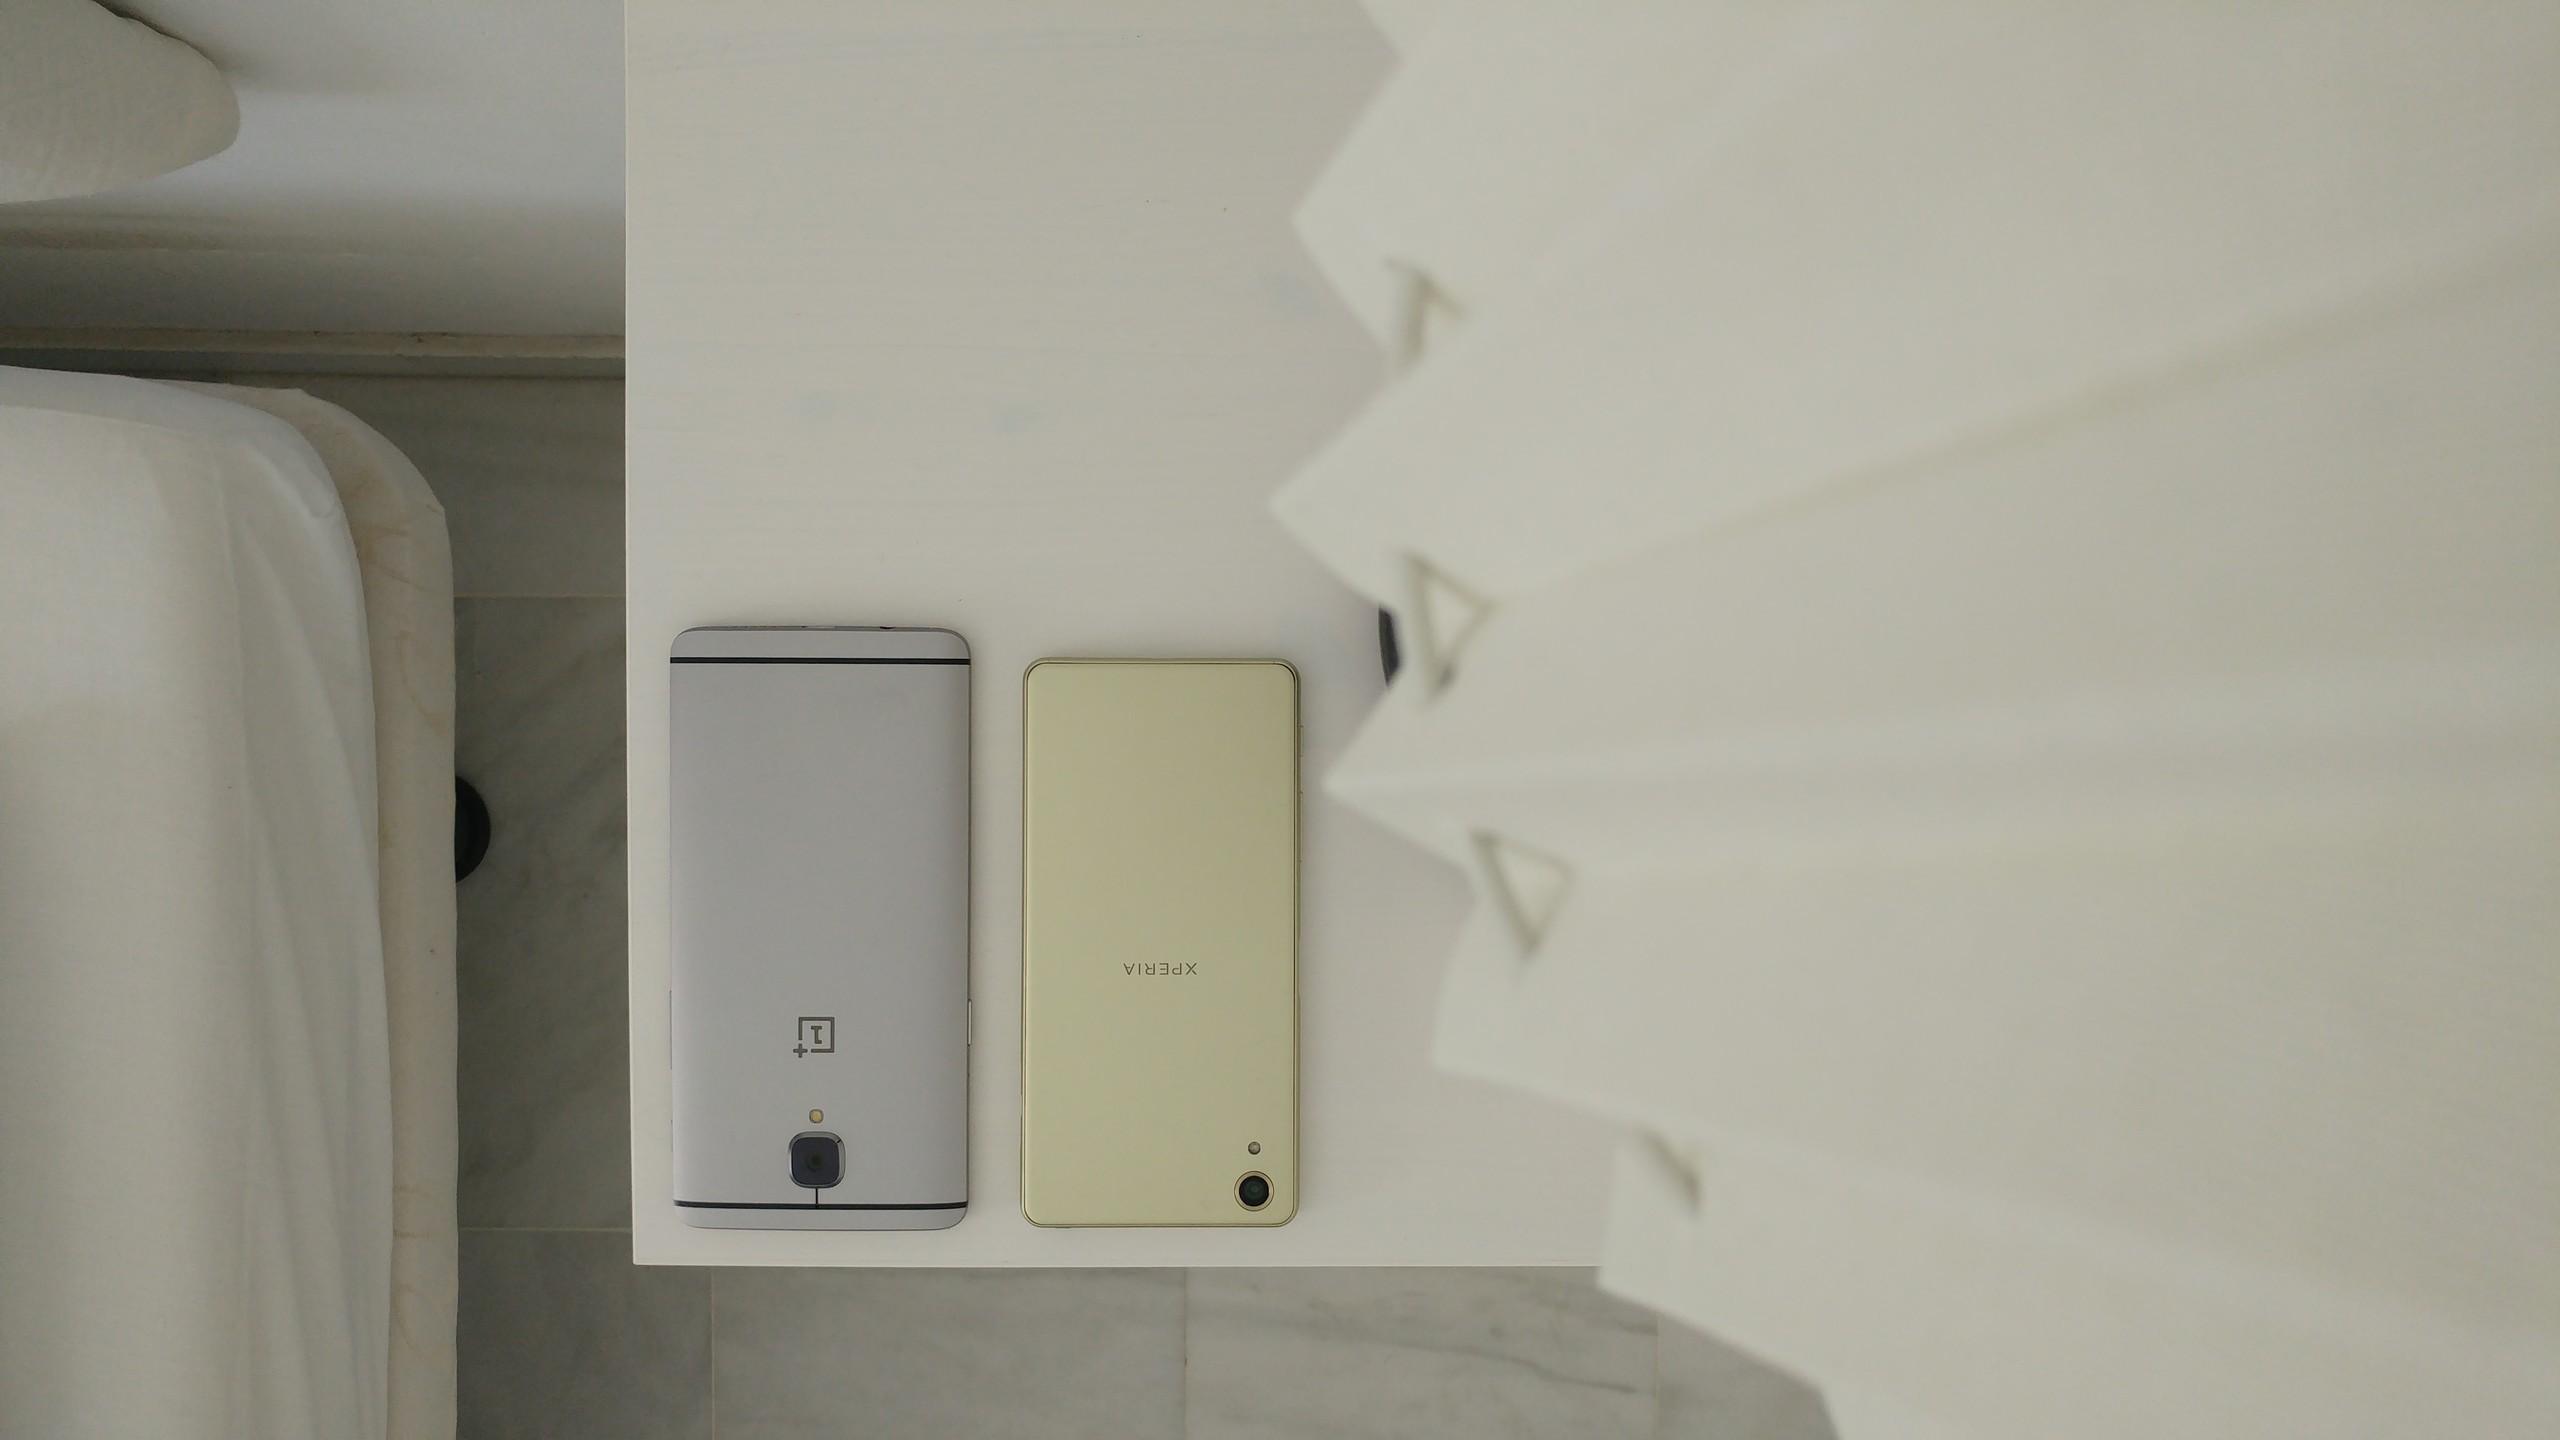 Foto de LG G5: 135 vs 78 grados (10/14)